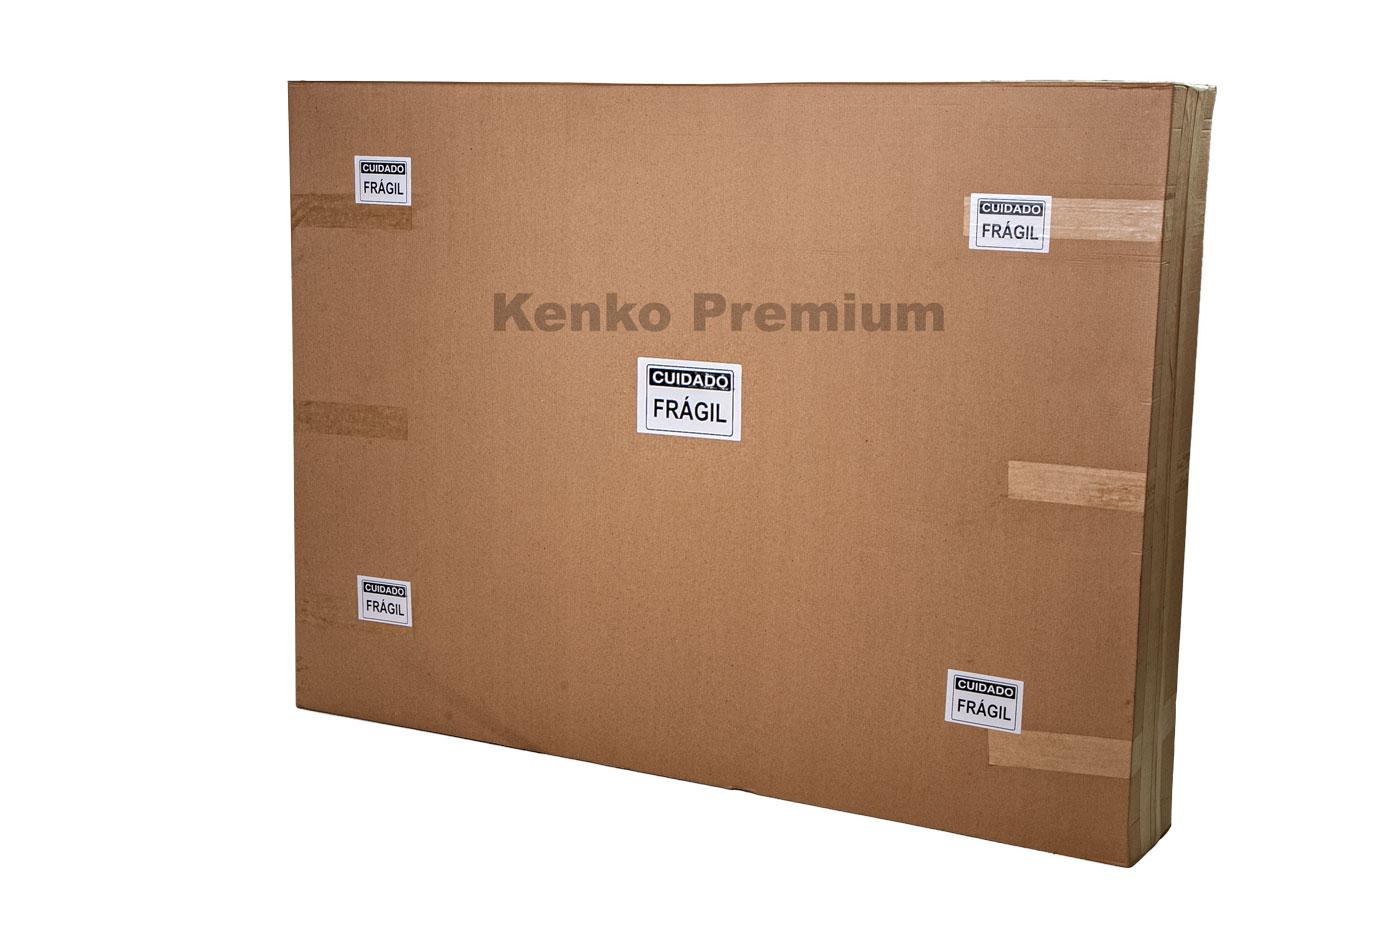 Colchão Magnético Solteiro Kenko Premium Standart  C/ Massagem Eletrônica Energia Bioquãntica 0,88x1,88x25cm  - Kenko Premium Colchões